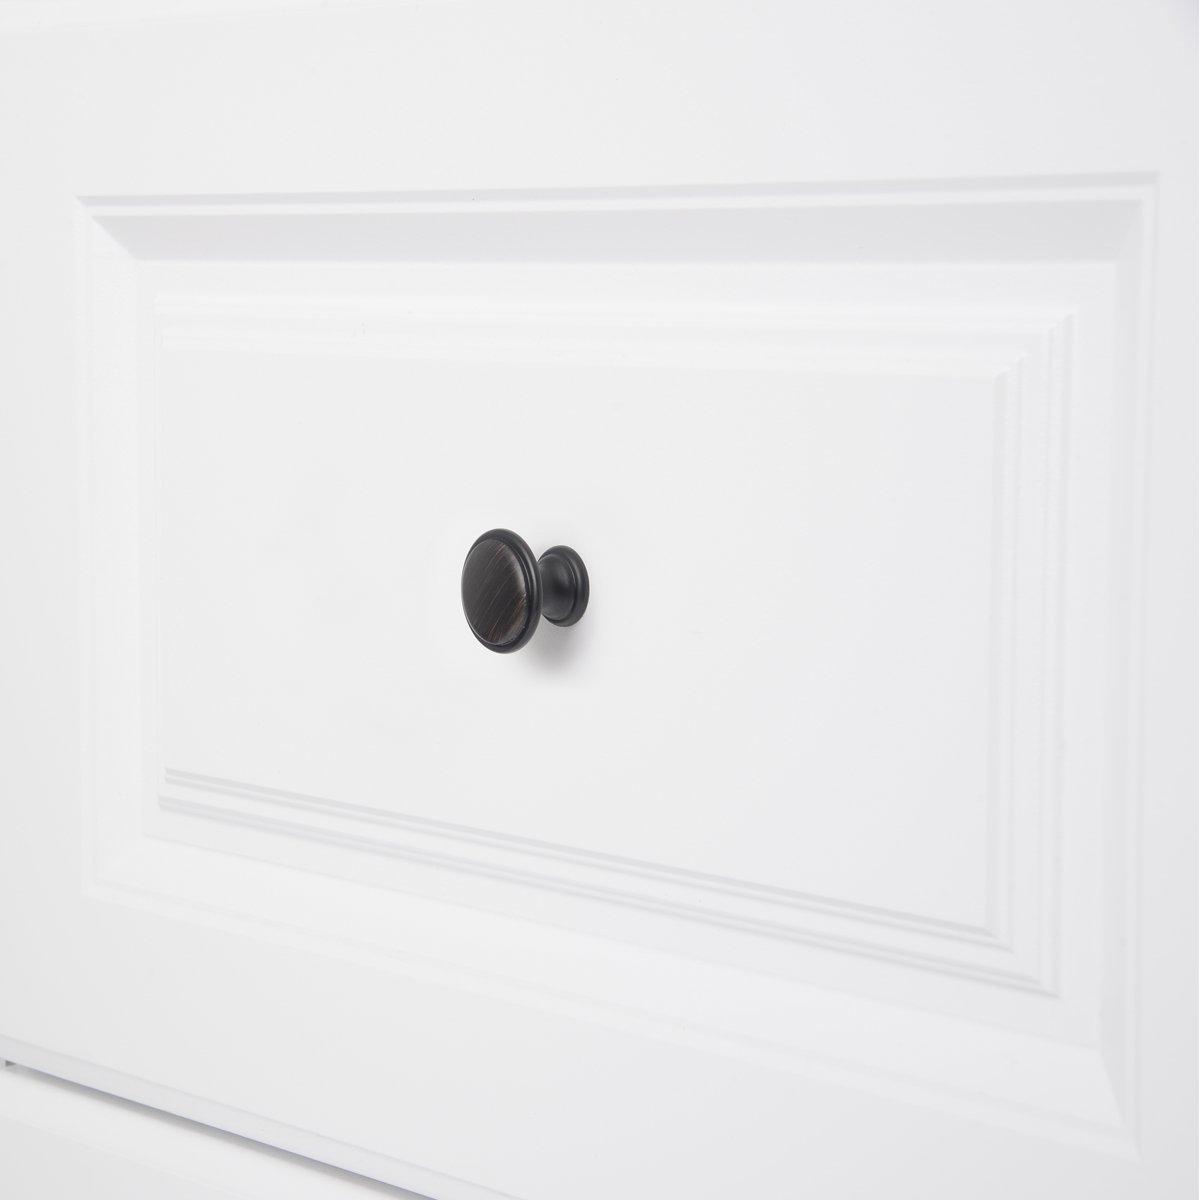 Basics Diametro: 2,9 cm confezione da 25 Cromo lucido Pomolo a fungo piatto per mobili